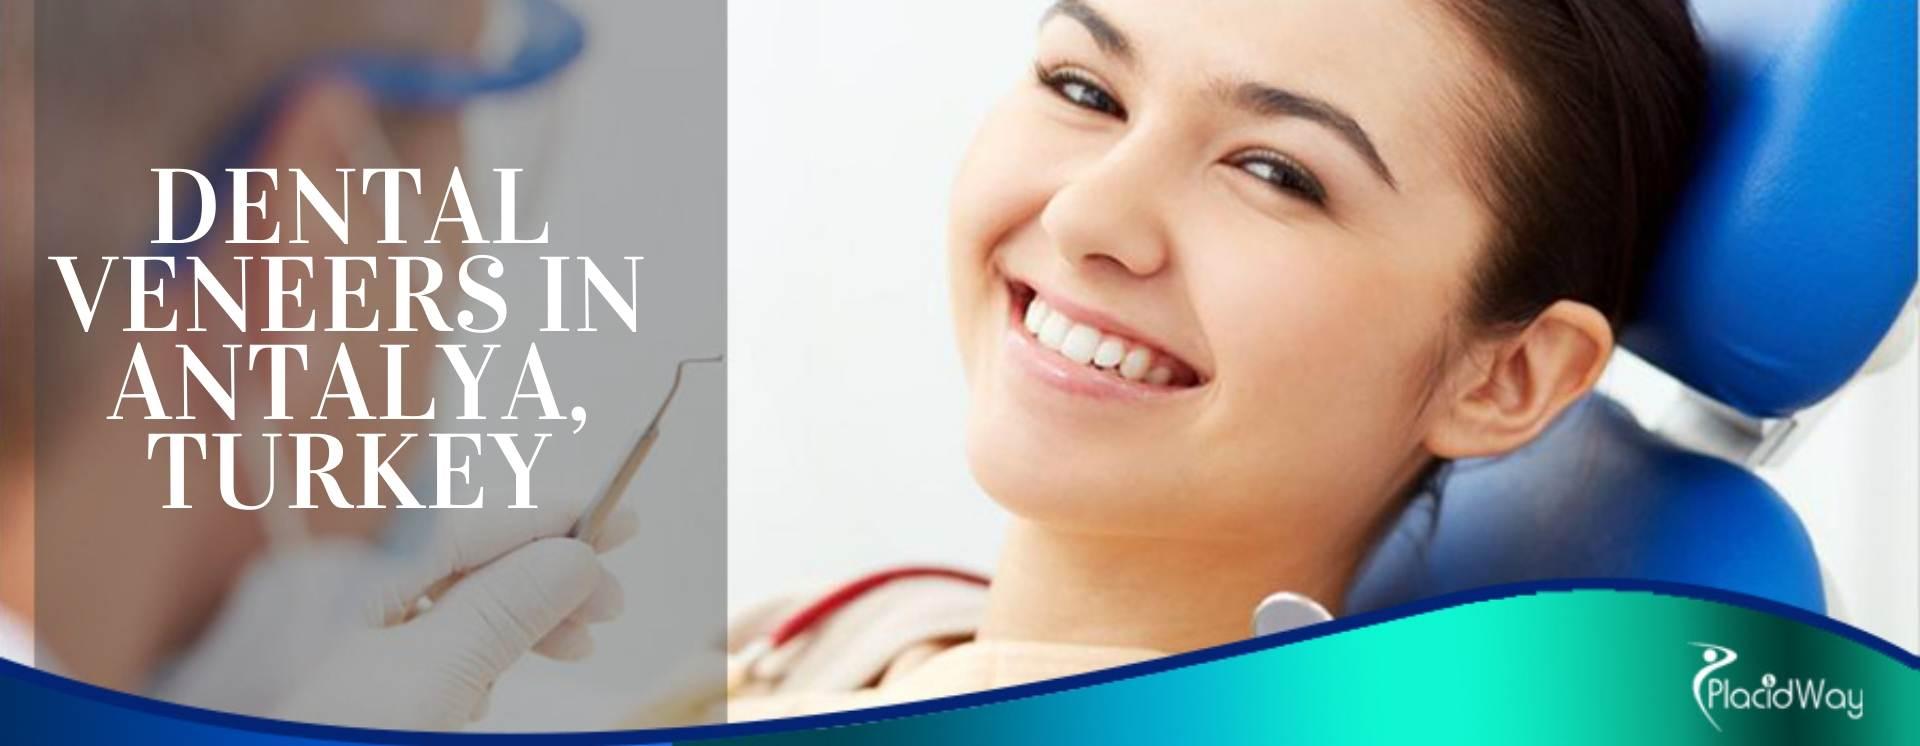 Dental Veneers In Antalya, Turkey